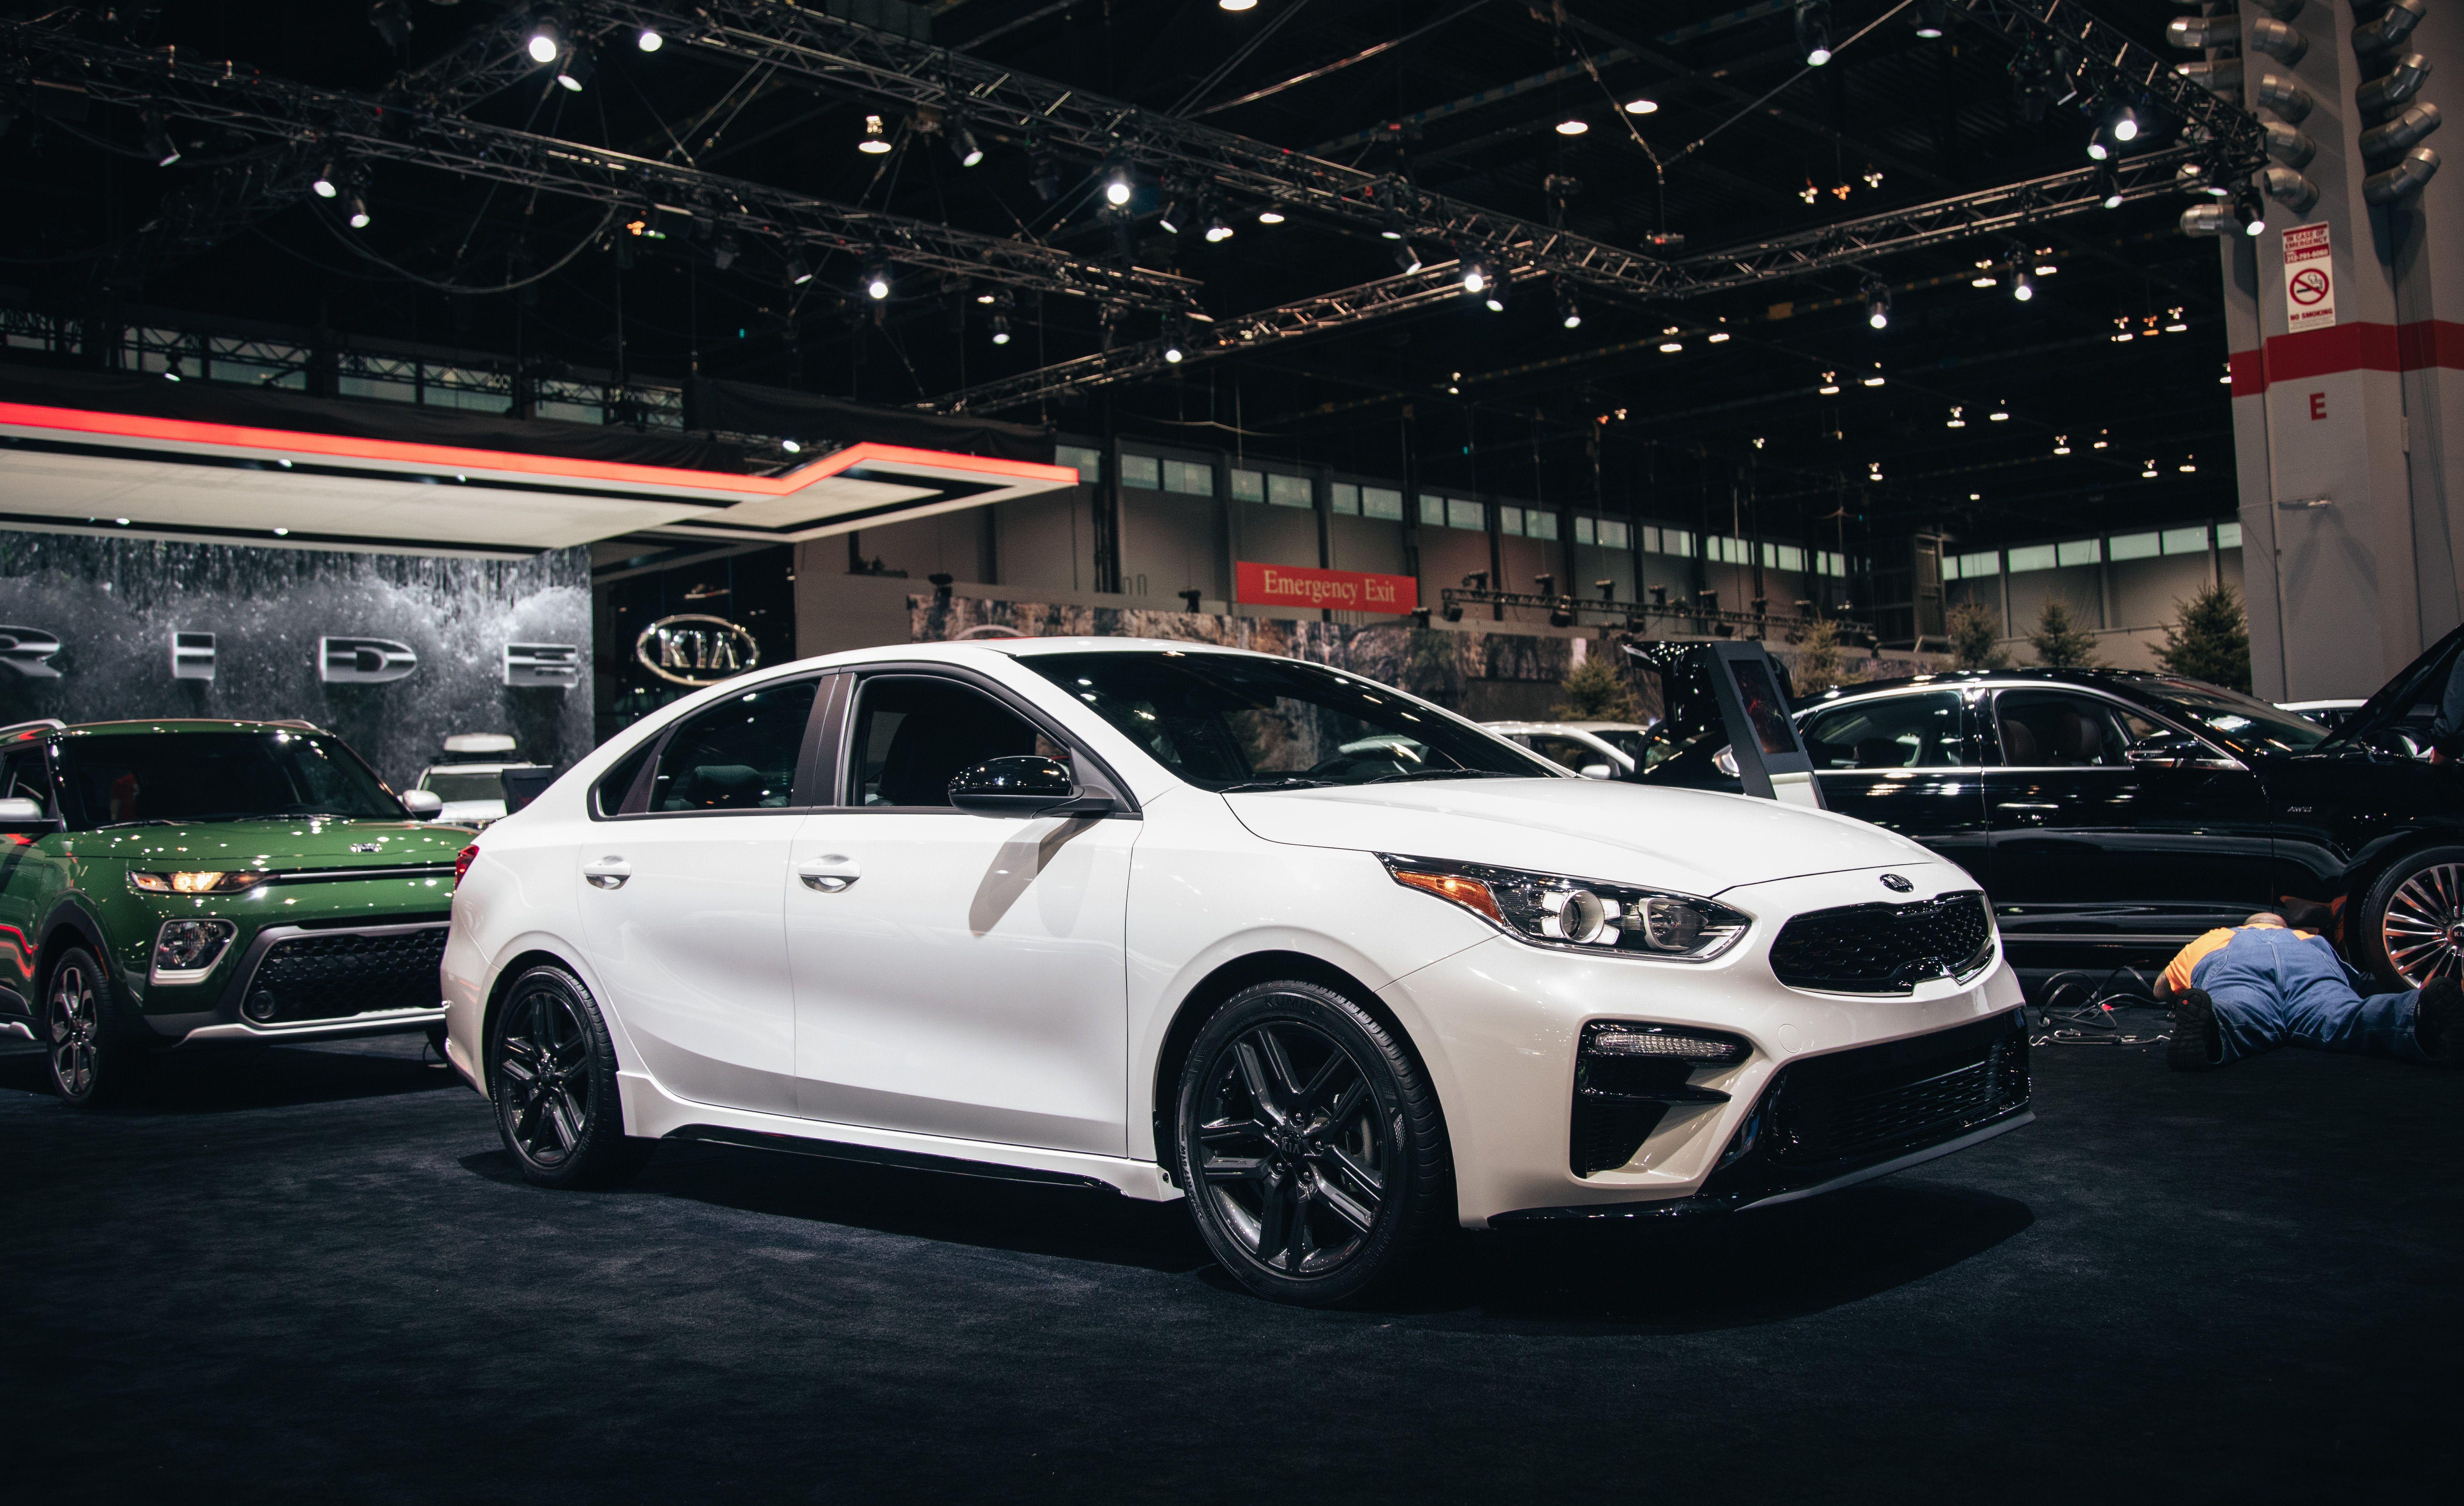 Best Of 2020 Kia Forte Gt Line White And Description Di 2020